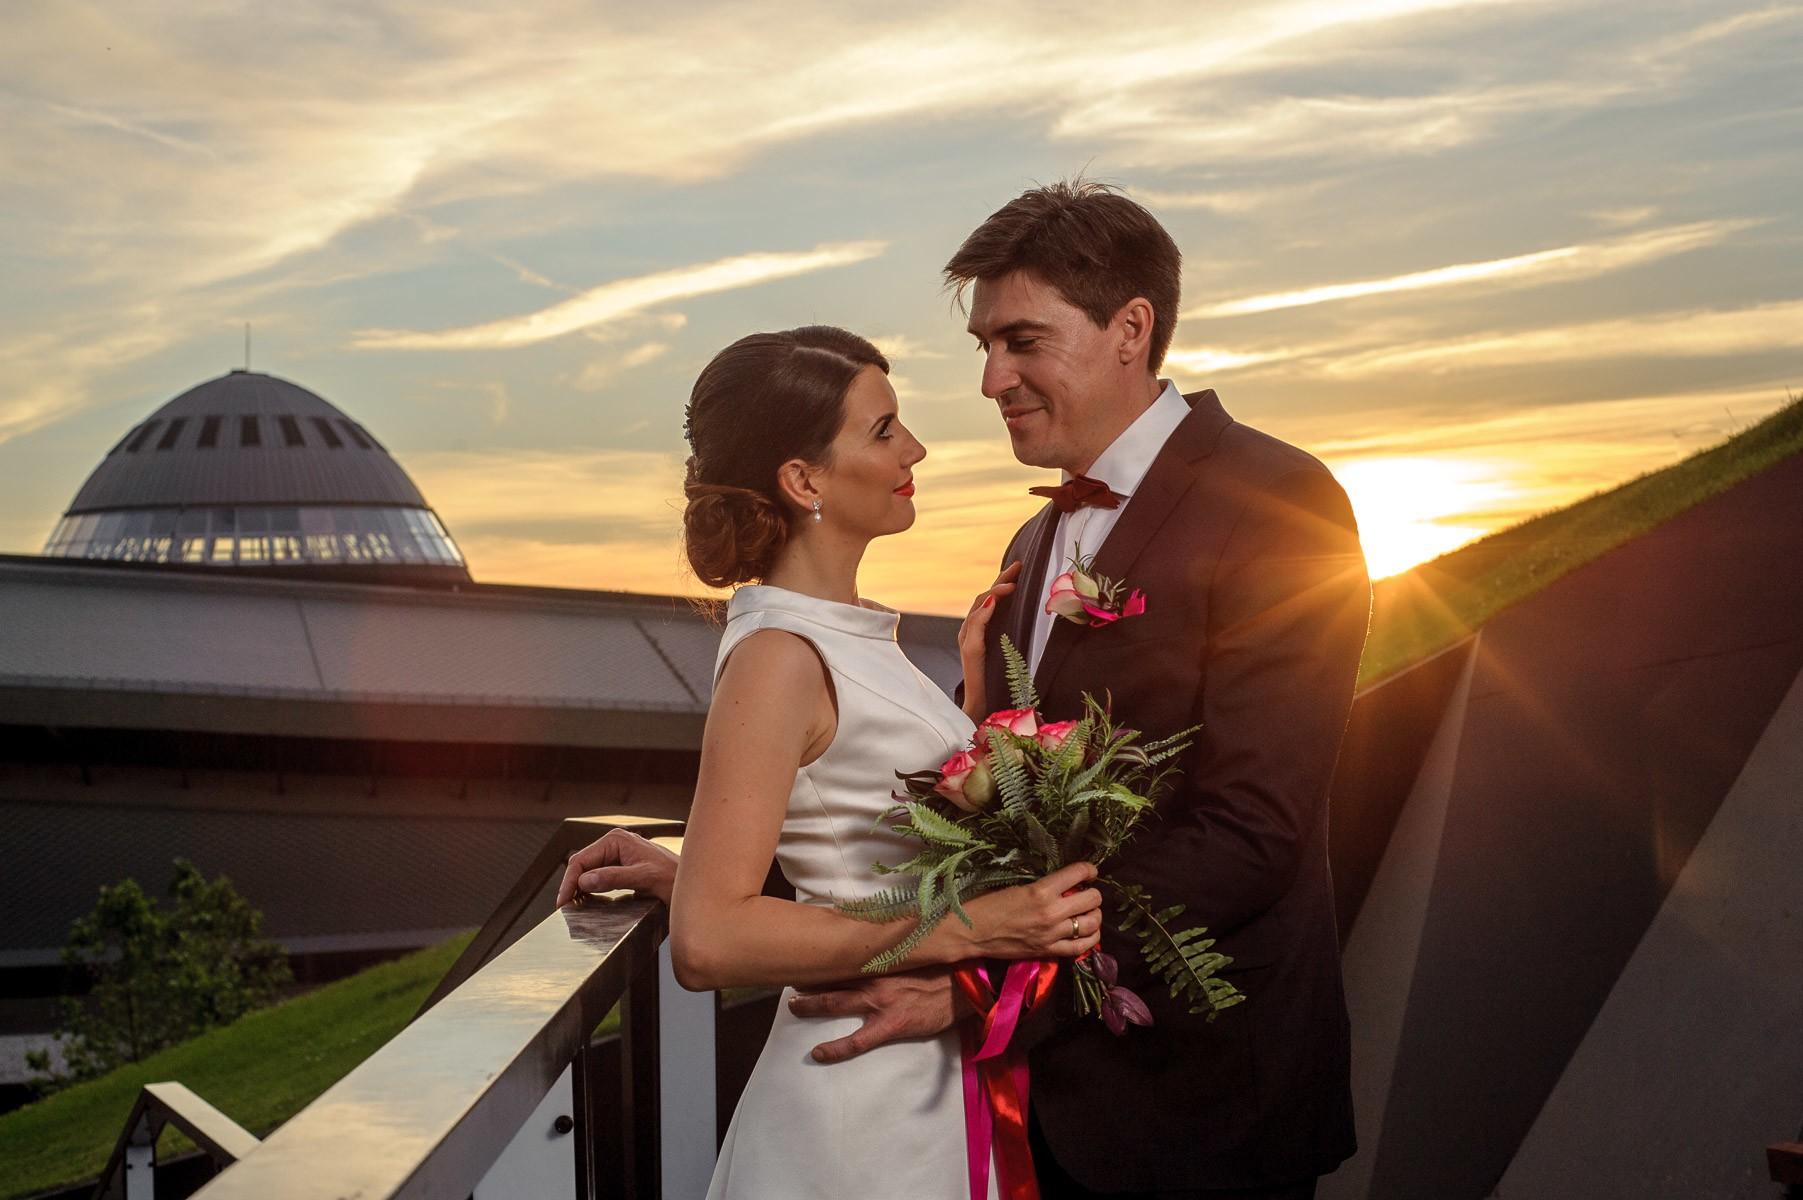 piękne fotografie ślubne Śląsk Małopolska